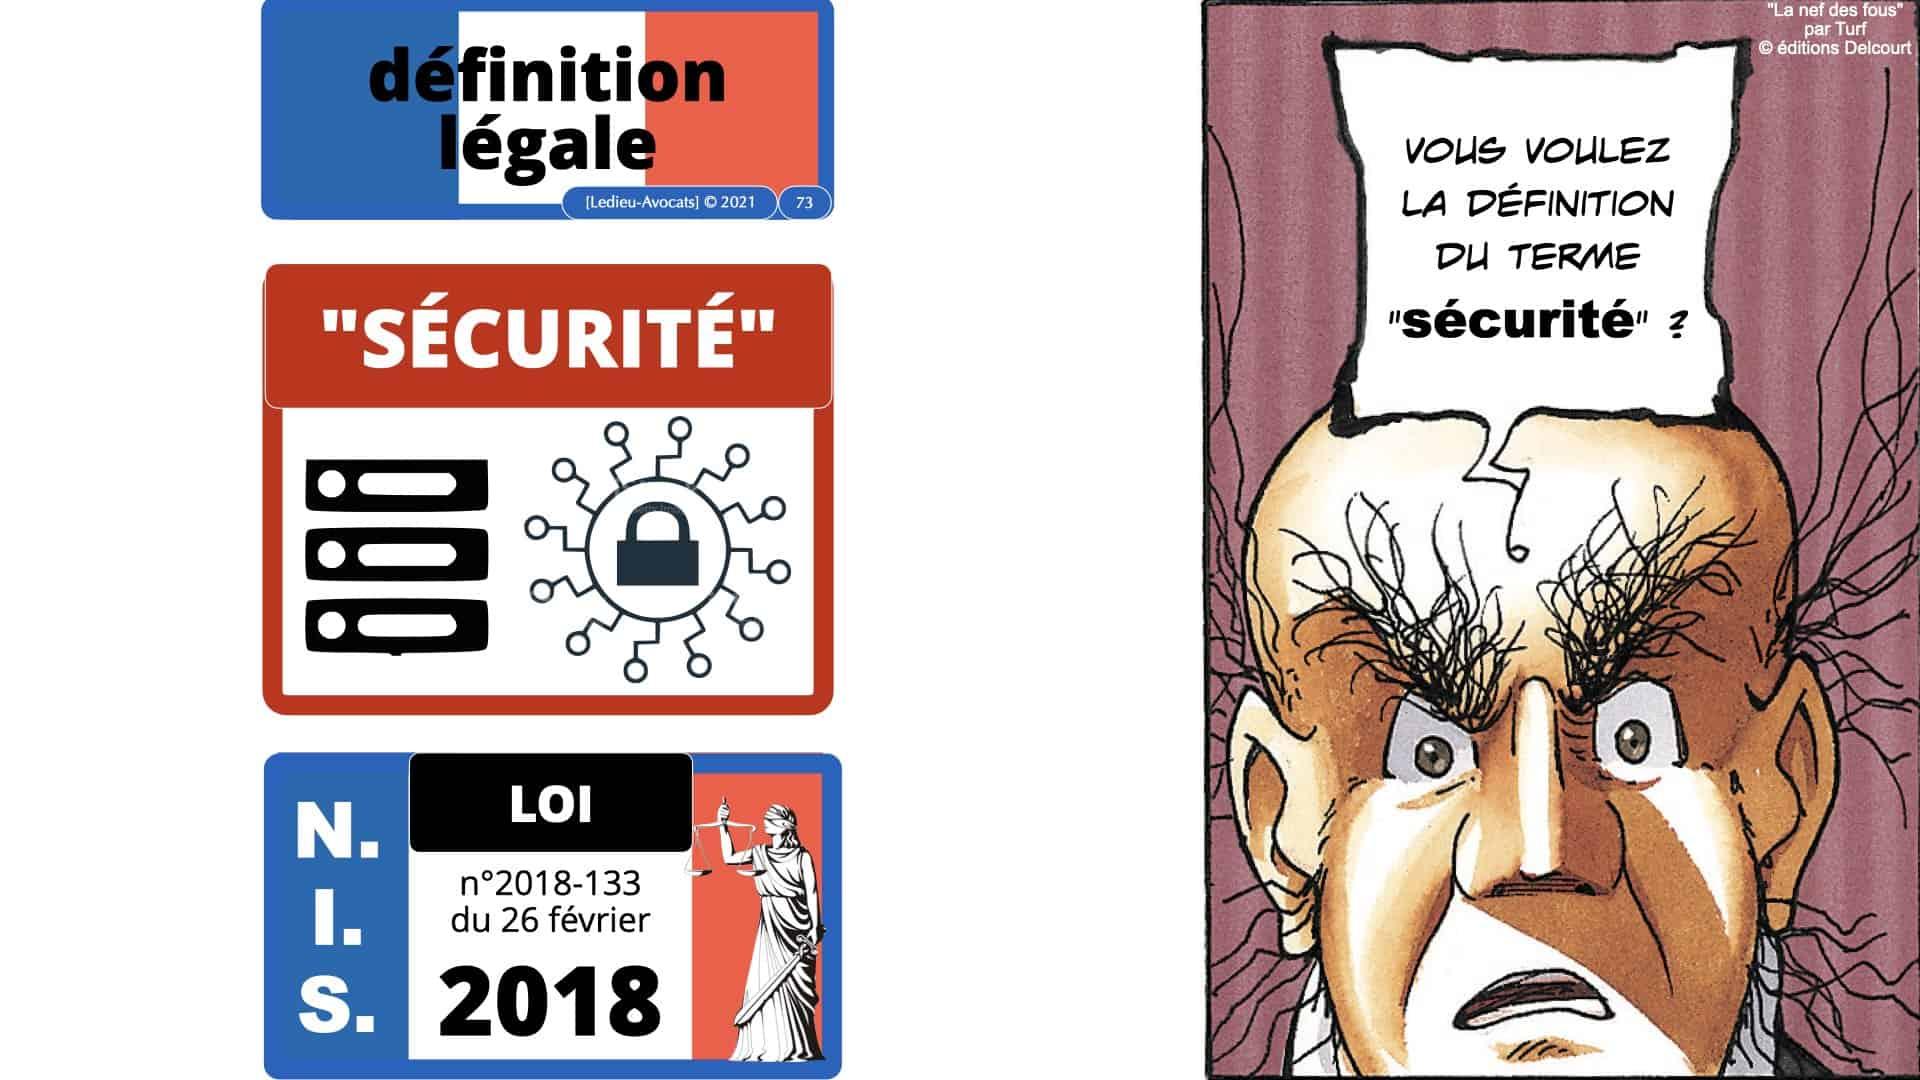 330 CYBER ATTAQUE © Ledieu-Avocats 09-03-2021.073